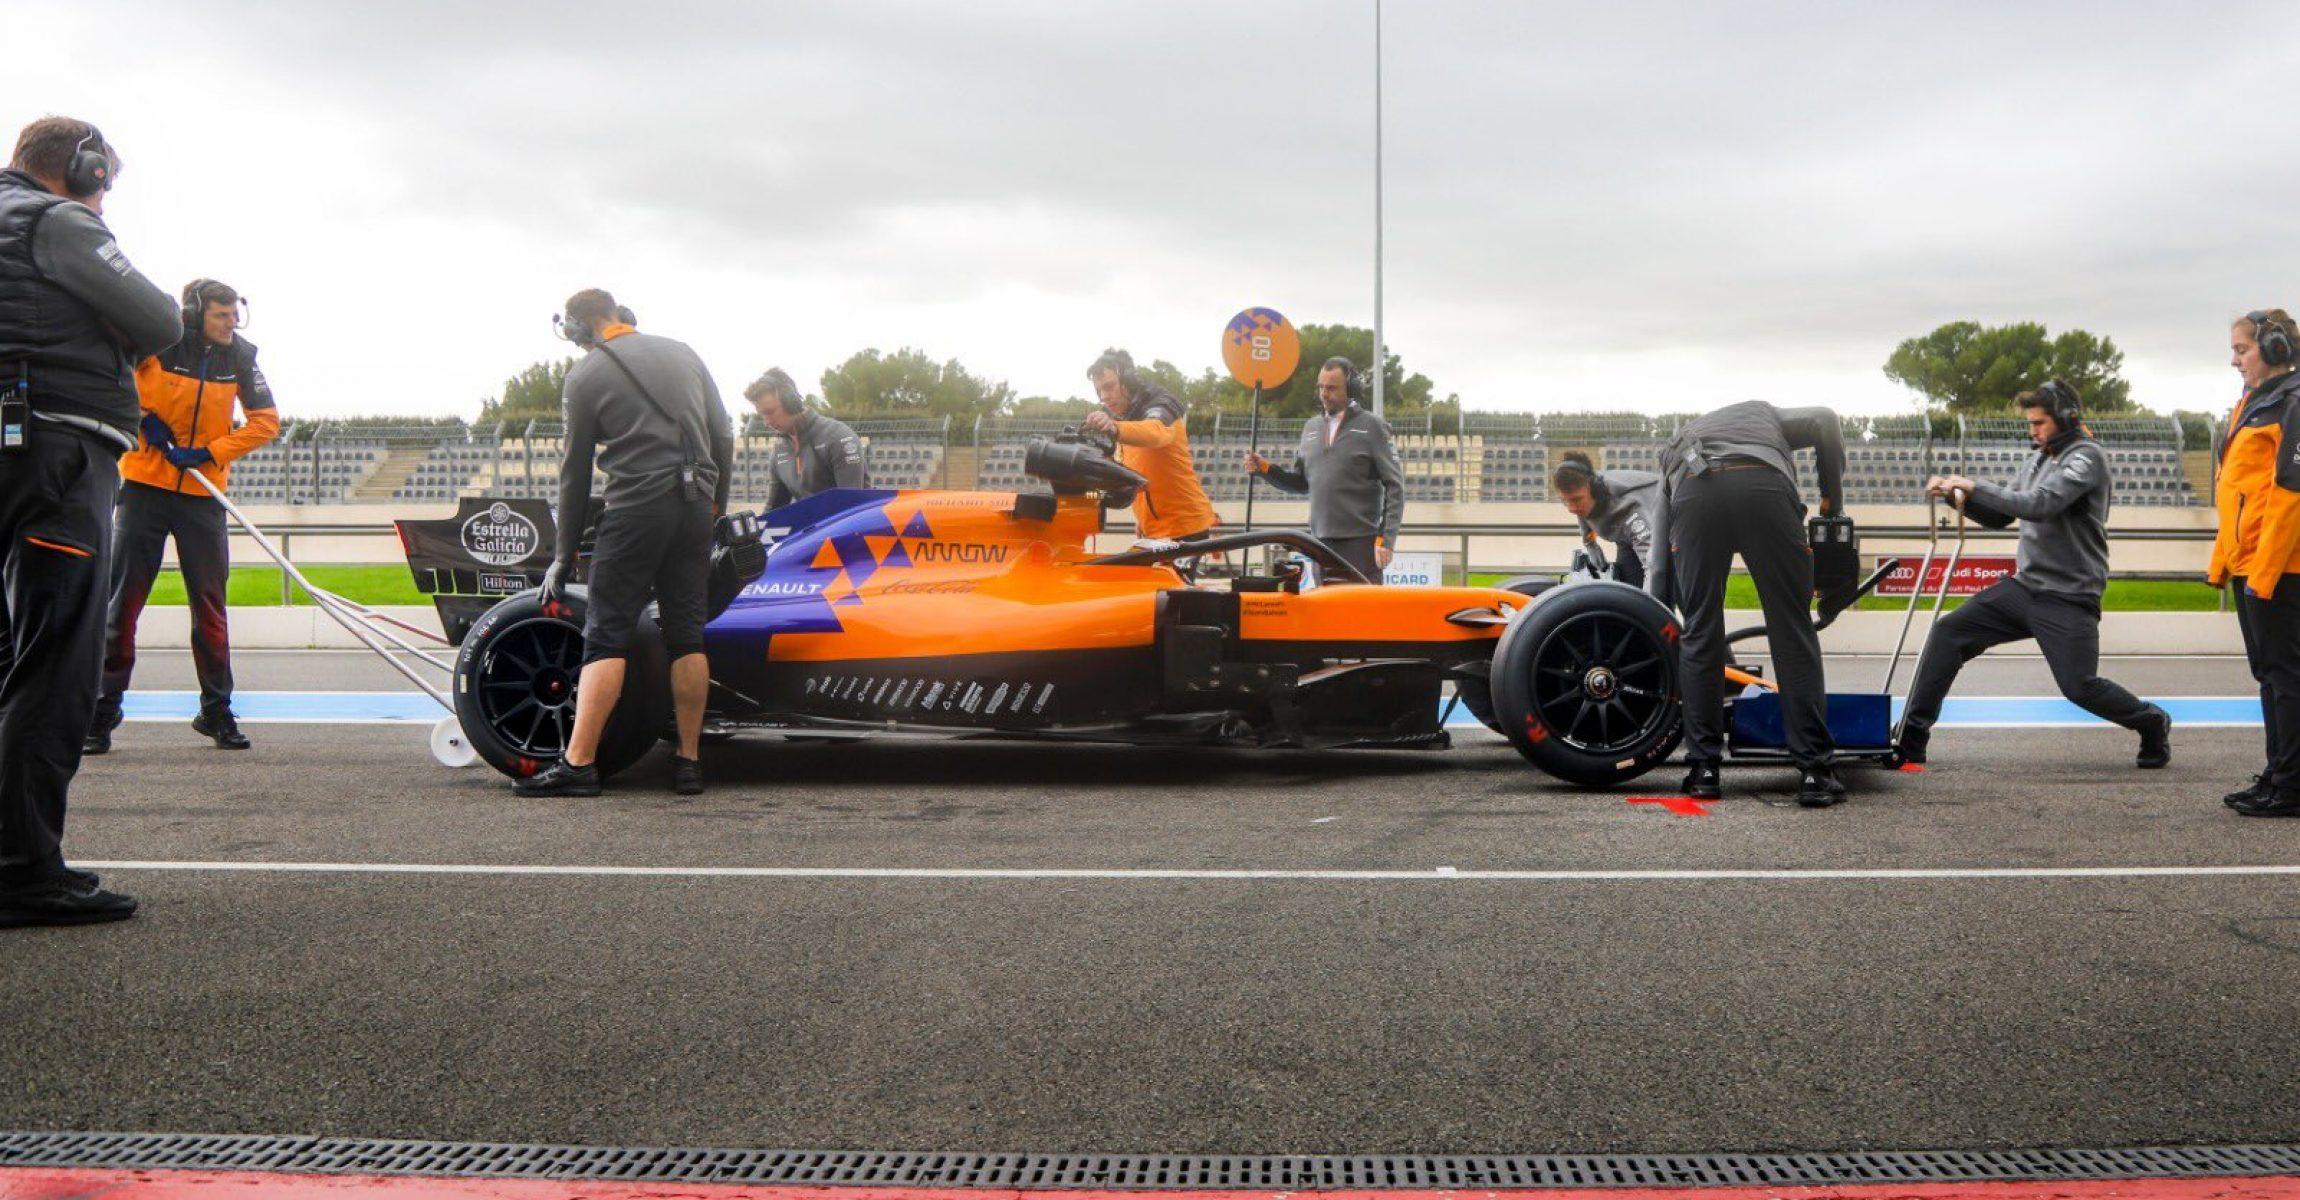 F1 McLaren 2021 Pirelli 18 inch tyre test